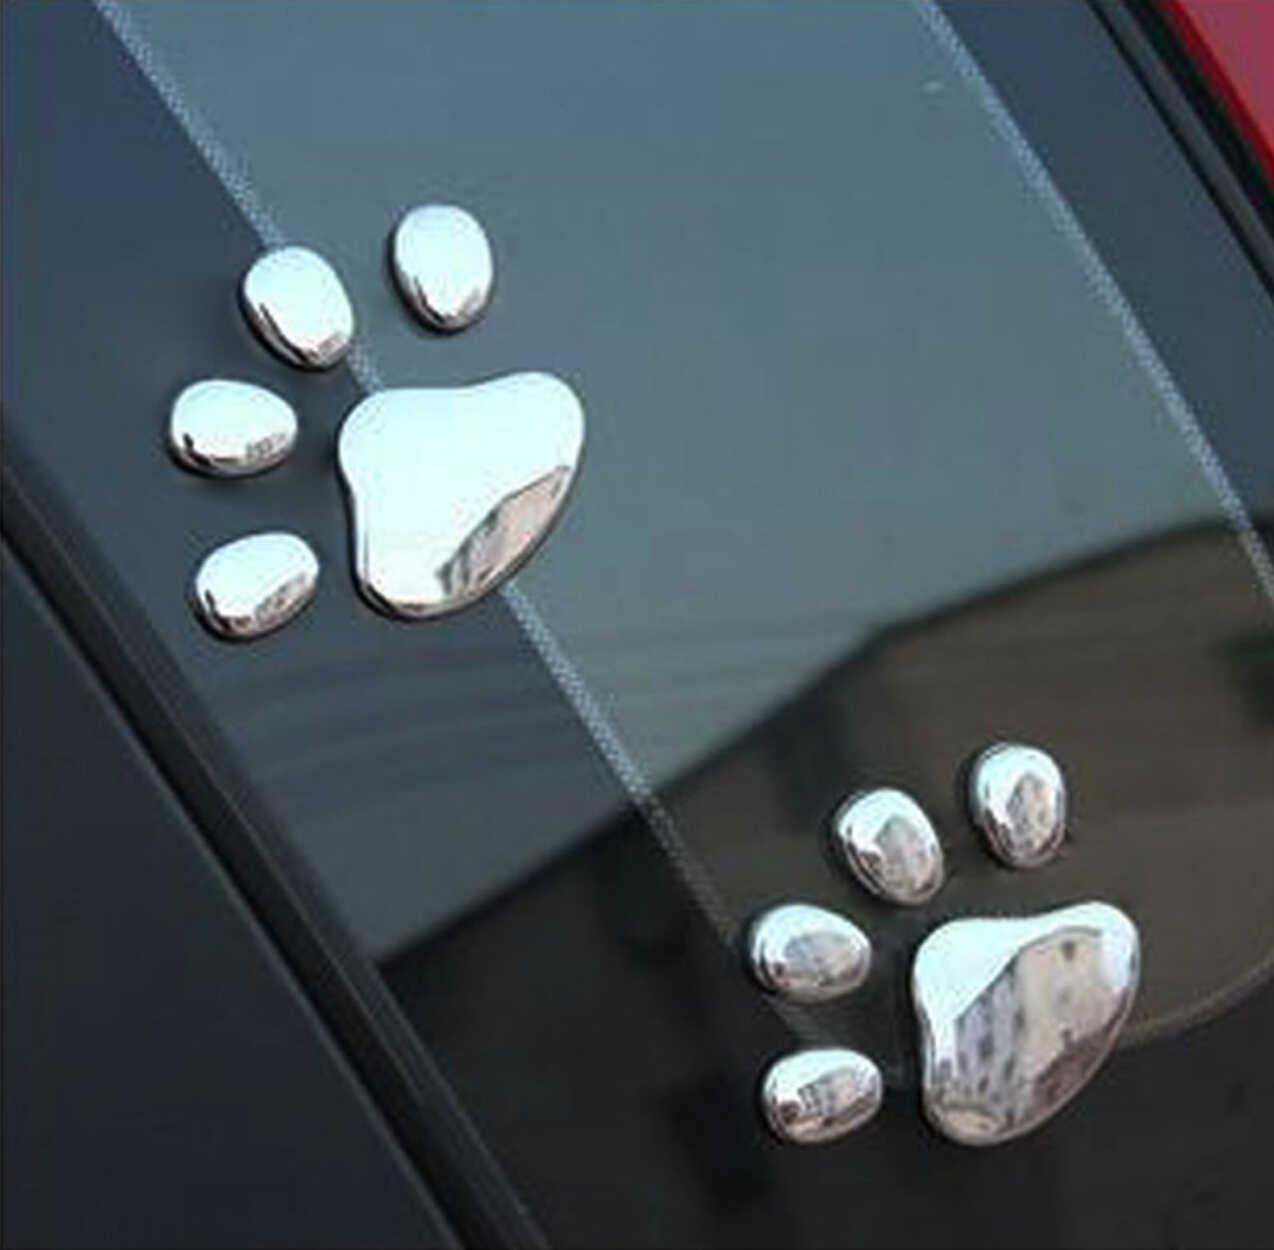 Patte Animal pied voiture autocollant pour Nissan 370z honda grom mercedes benz bmw x3 mini cooper s r56 ford emblème bmw keychai